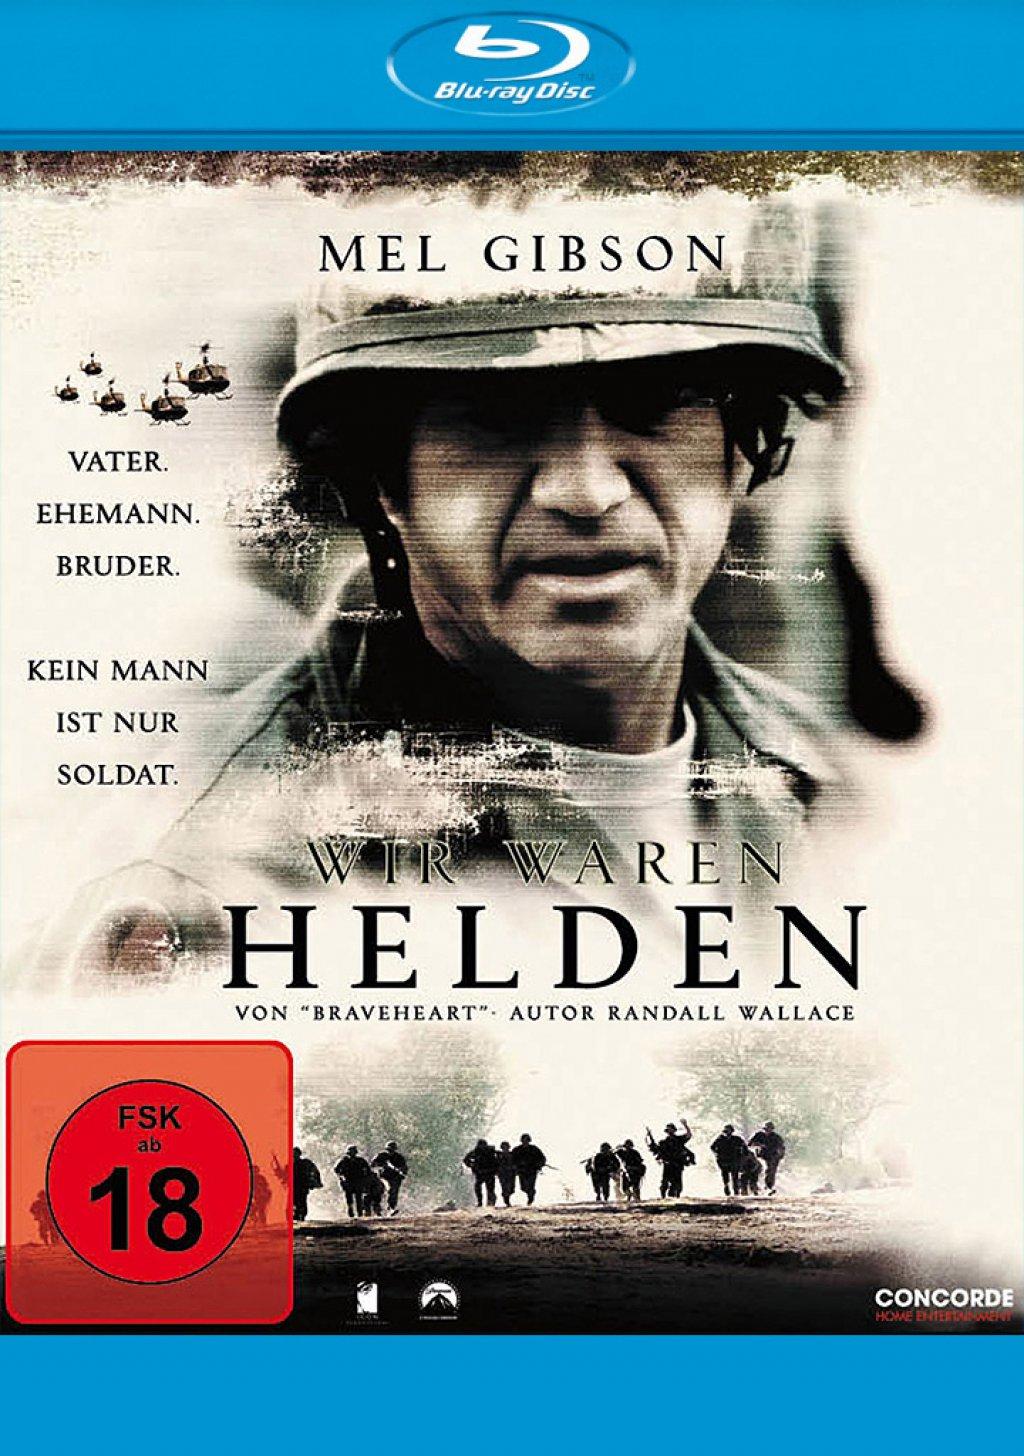 Wir waren Helden (Blu-ray)